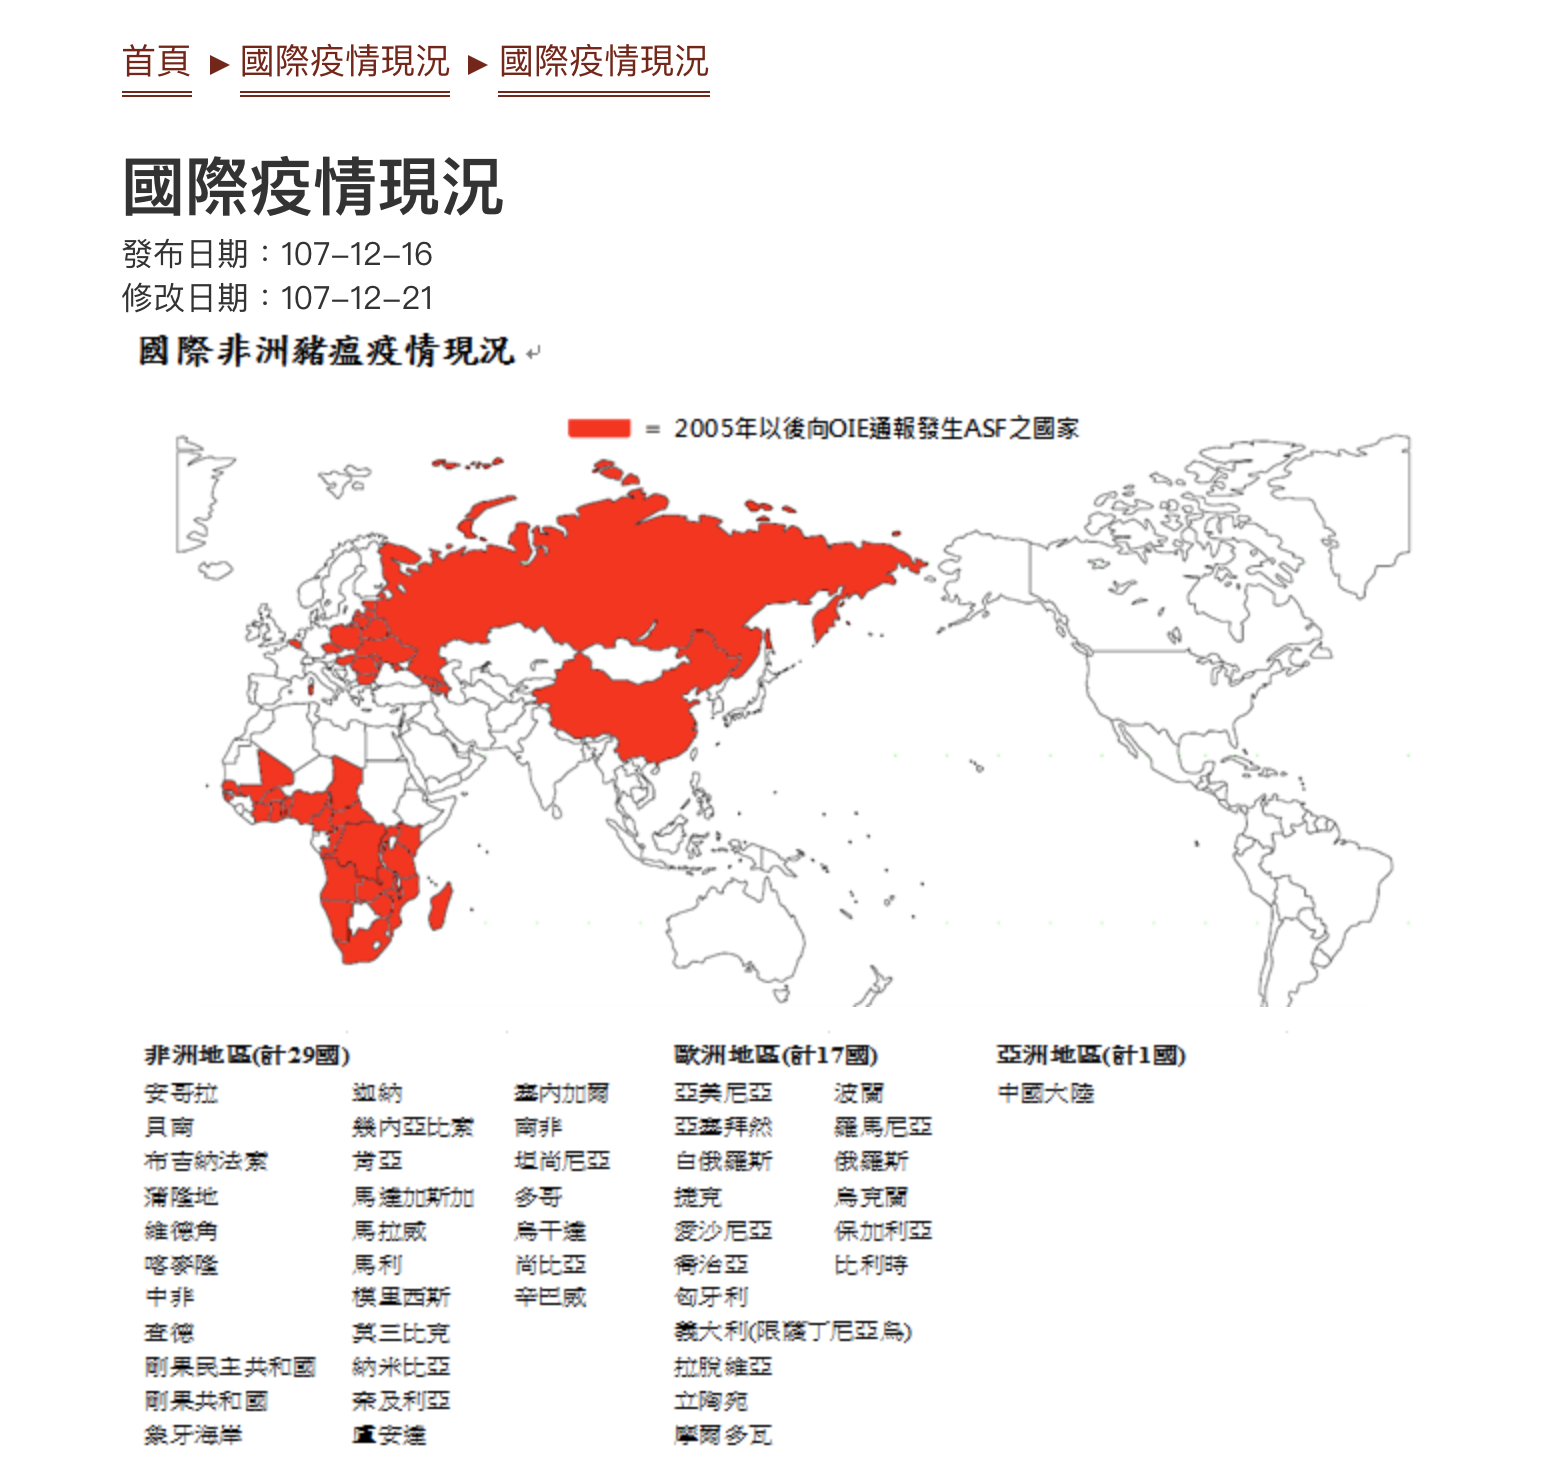 防疫非洲豬瘟疫情,我們一起努力防堵!請不要再從國外帶或購買豬肉製品回台灣~